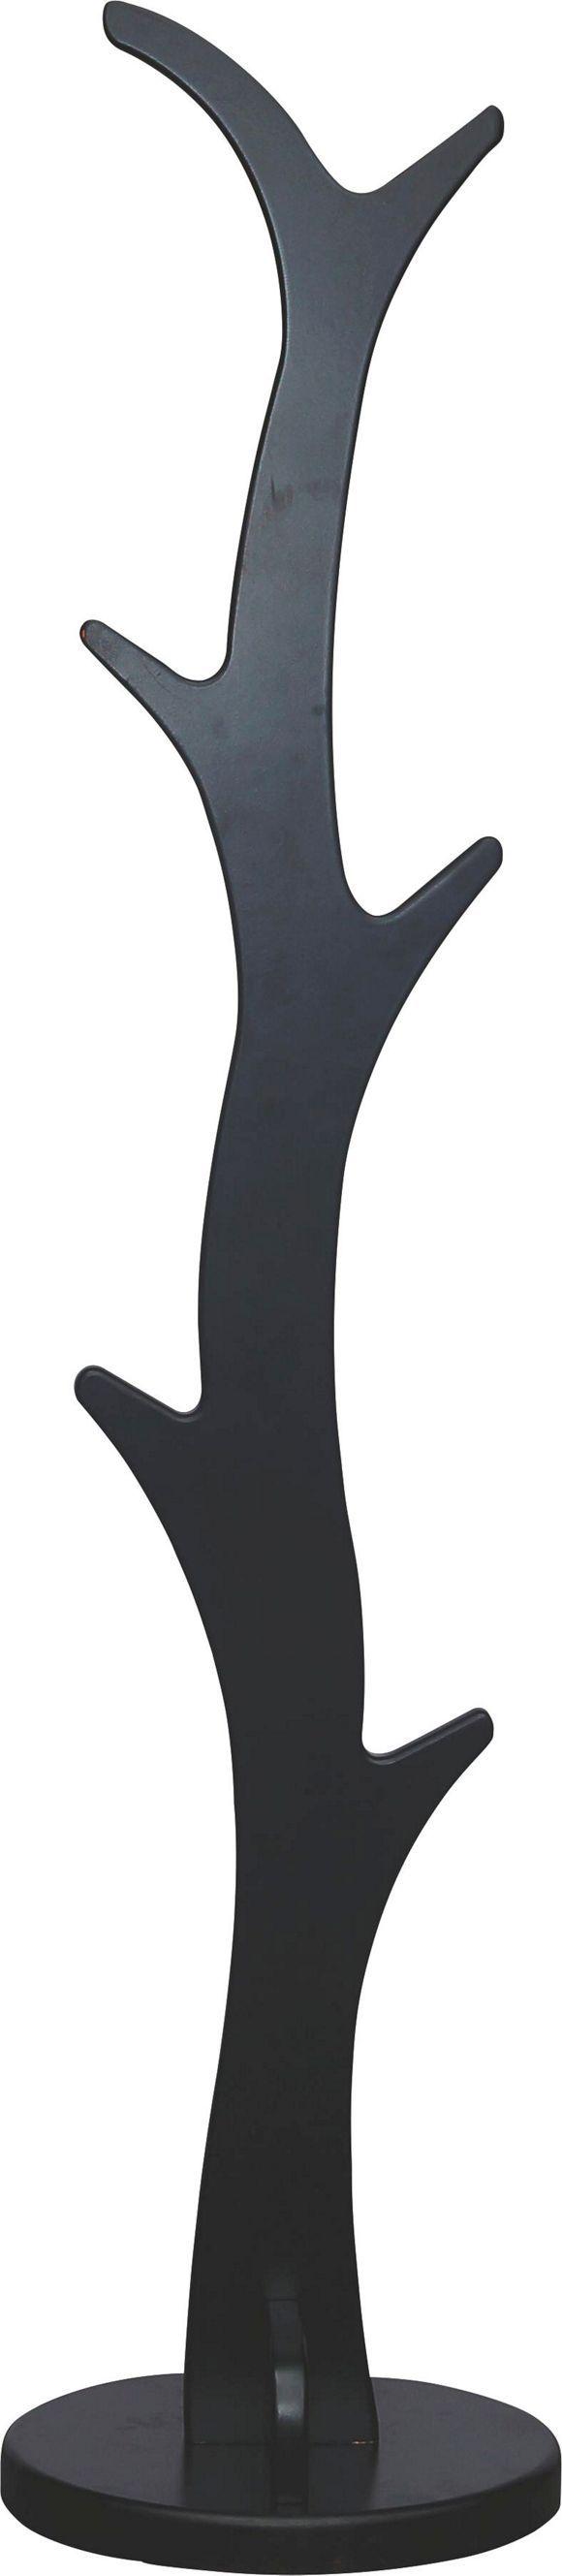 Eine fröhliche Ergänzung für Ihren Eingangsbereich finden Sie in Form dieses zeitgemäßen Kleiderständers. Das schlanke Wohnaccessoire aus robustem Holzwerkstoff wurde in einem strahlenden Grün lackiert - so wird Ihr Flur farbenfroh aufgewertet. An den 6 Haken des ca. 175 cm hohen Kleiderständers hängen Sie Jacken und Mäntel der ganzen Familie auf. Ein originelles Wohnaccessoire!